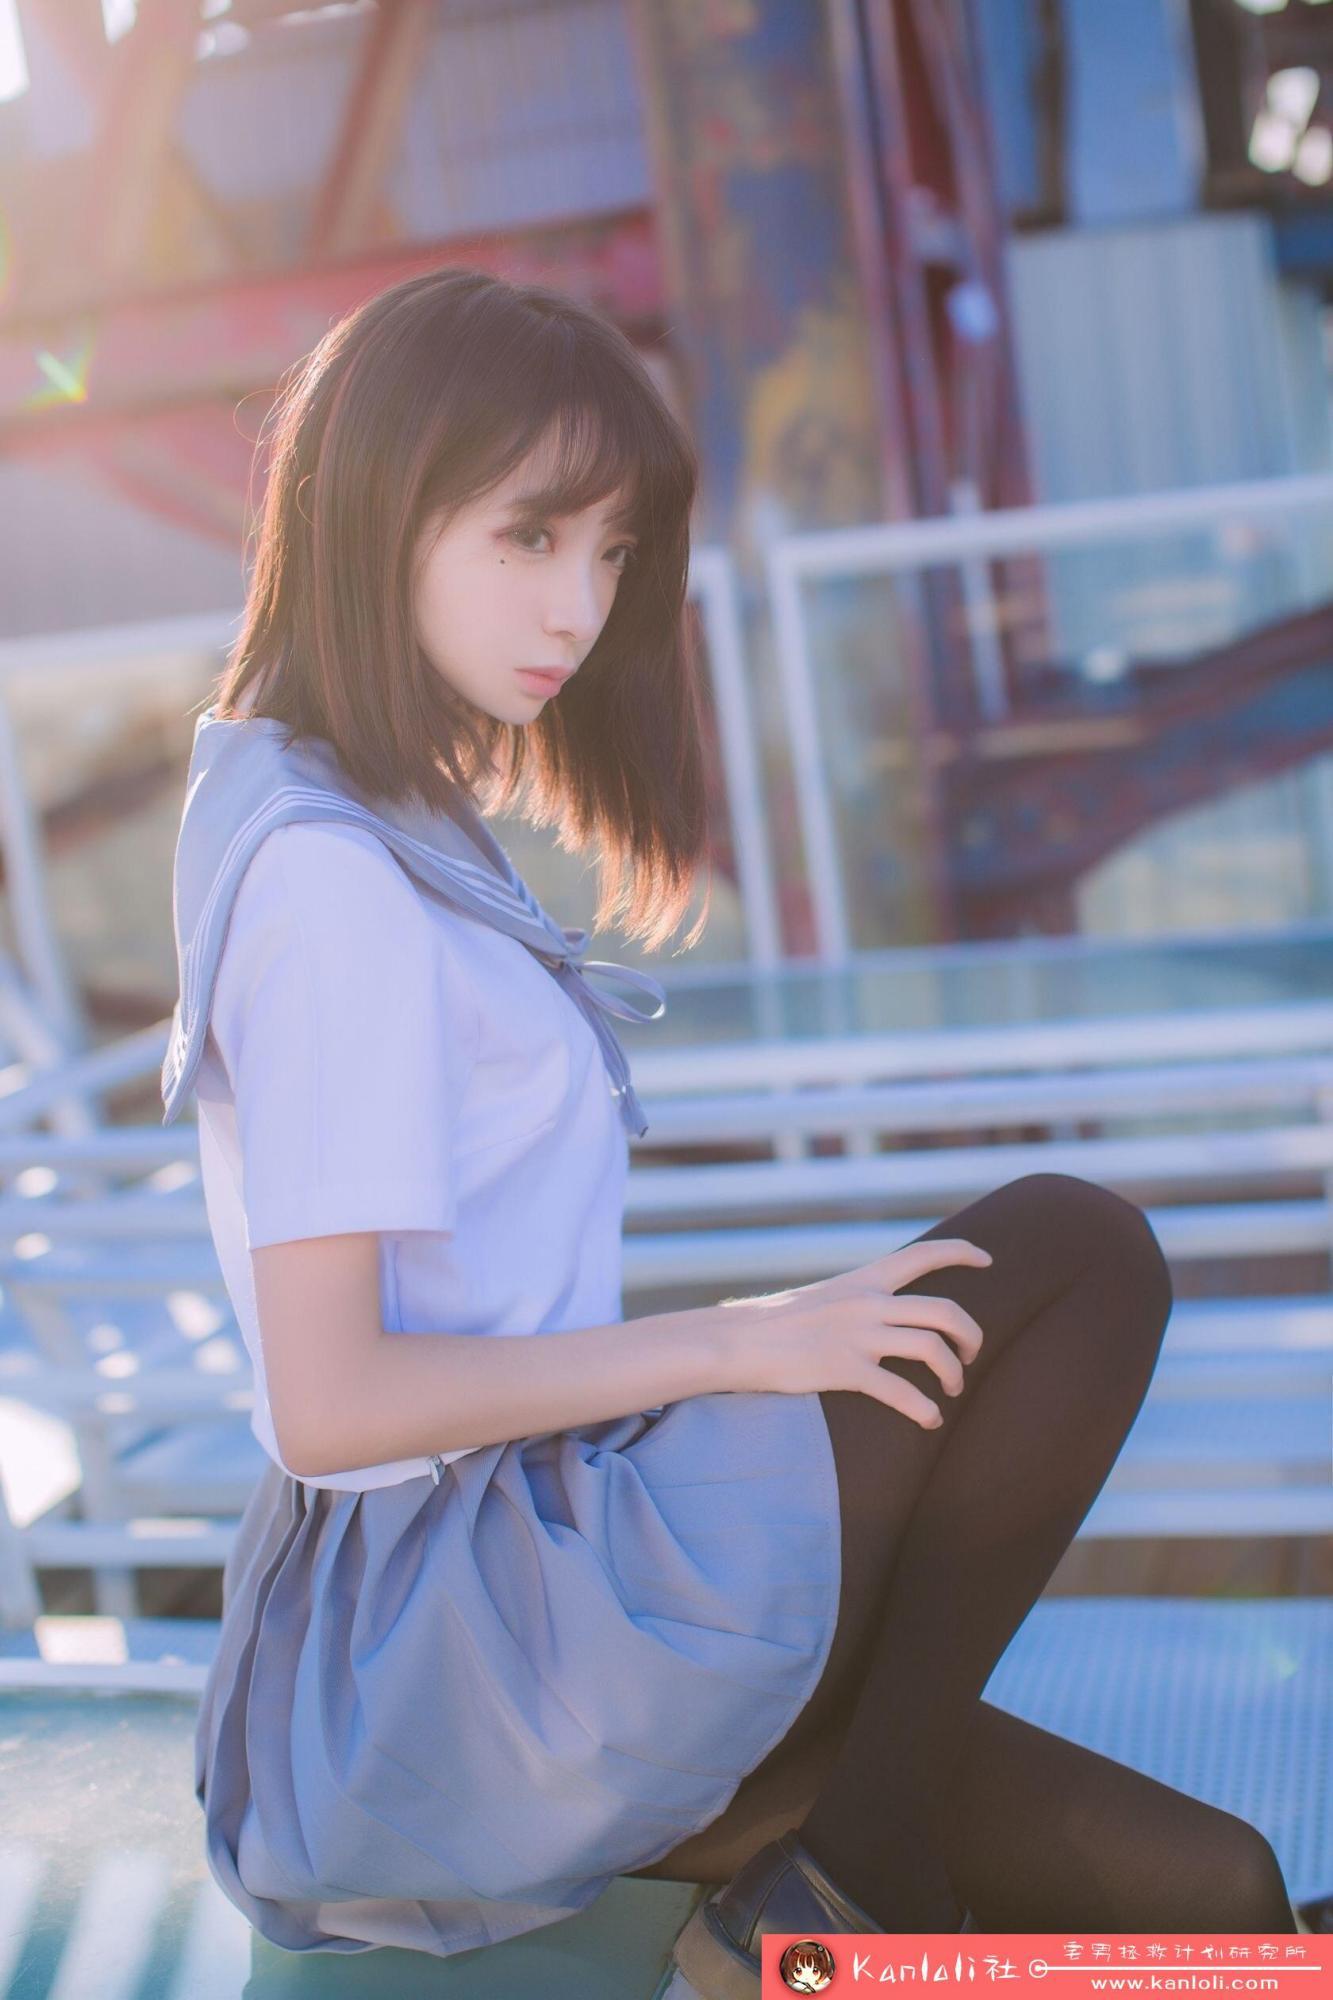 【疯猫ss】疯猫ss写真-FM-020 小桥上的制服黑丝 [10P]